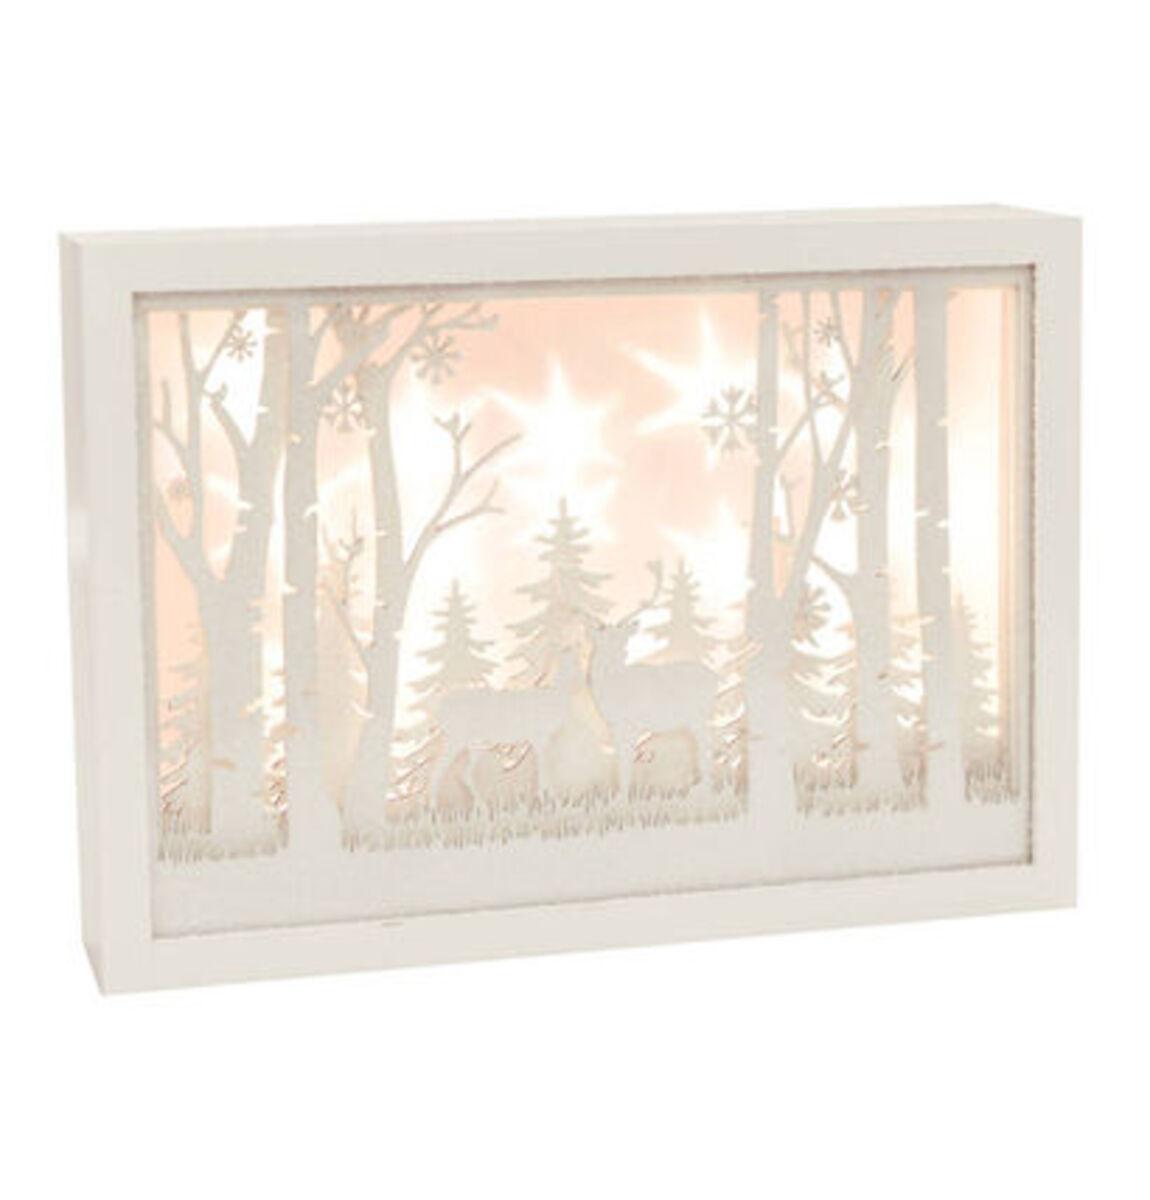 Bild 1 von Galeria Selection Deko-Rahmen, LEDs, Schneelandschaft, 30cm, weiß